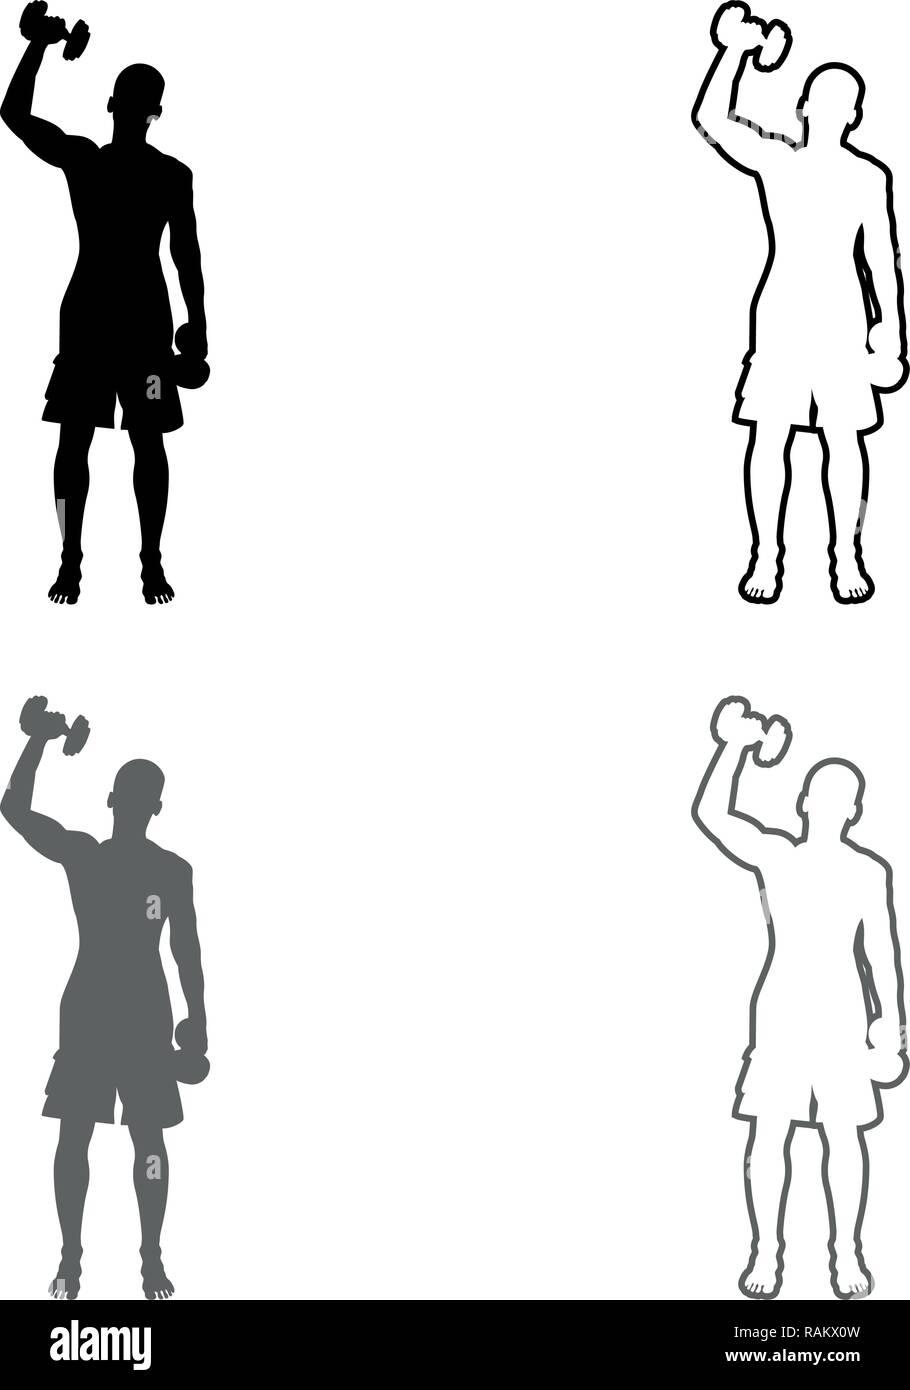 L Homme De Faire Les Exercices Avec Halteres Courtes Action Sport Entrainement Male Silhouette Vue De Face Icon Set Vecteur De Couleur Gris Noir Contour Style Plat Je Tr Image Vectorielle Stock